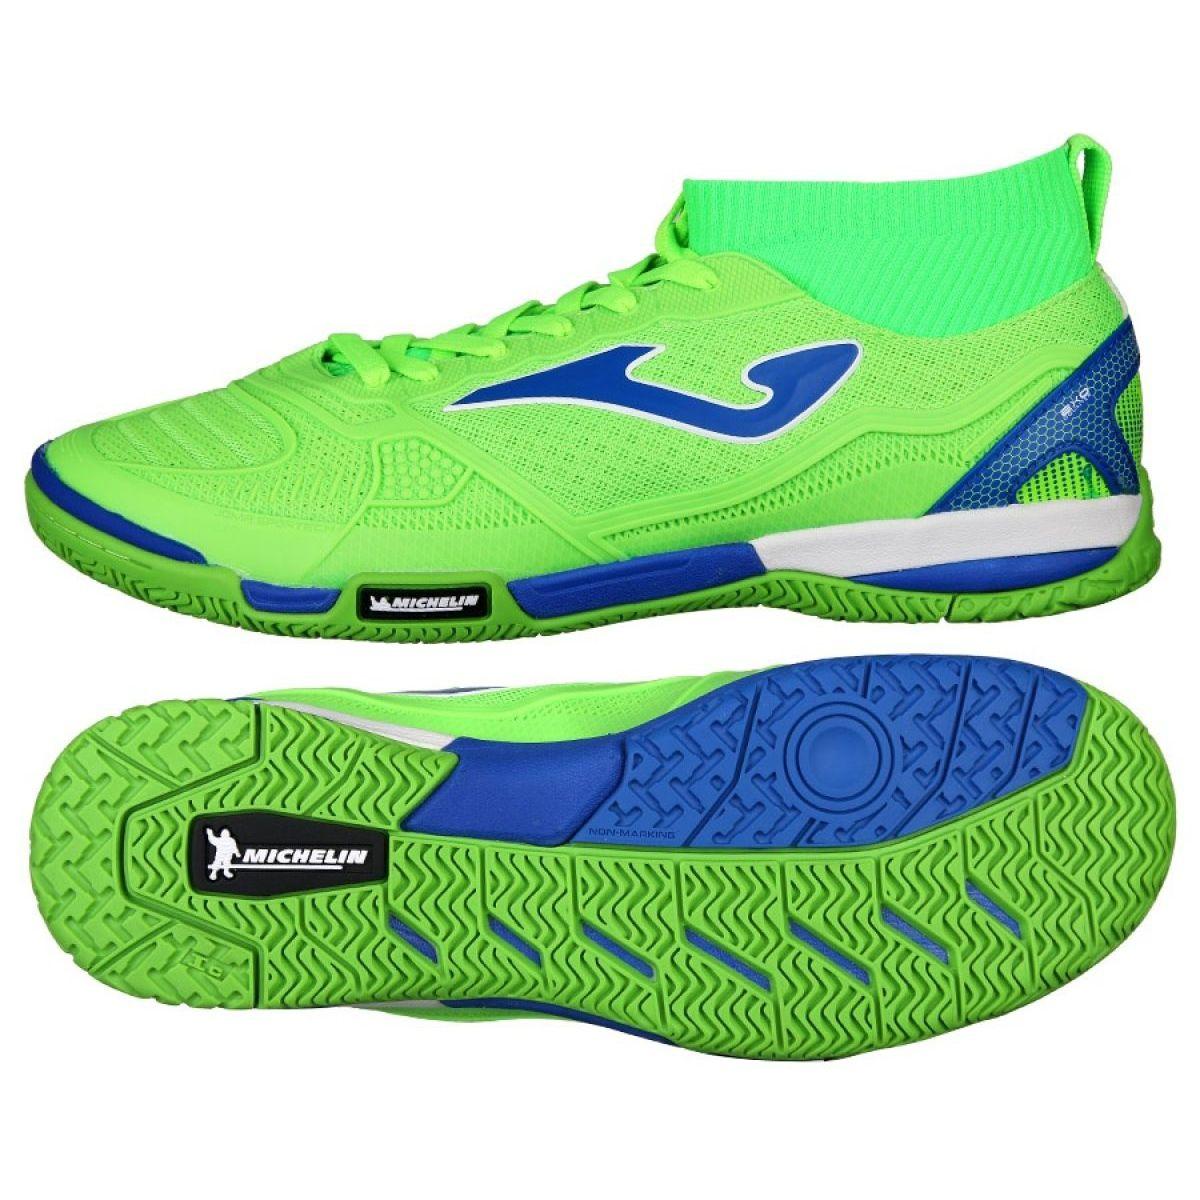 Buty Halowe Joma Tactico 811 In M Tactw 811 In Zielone Zielone Indoor Shoe Shoes Joma